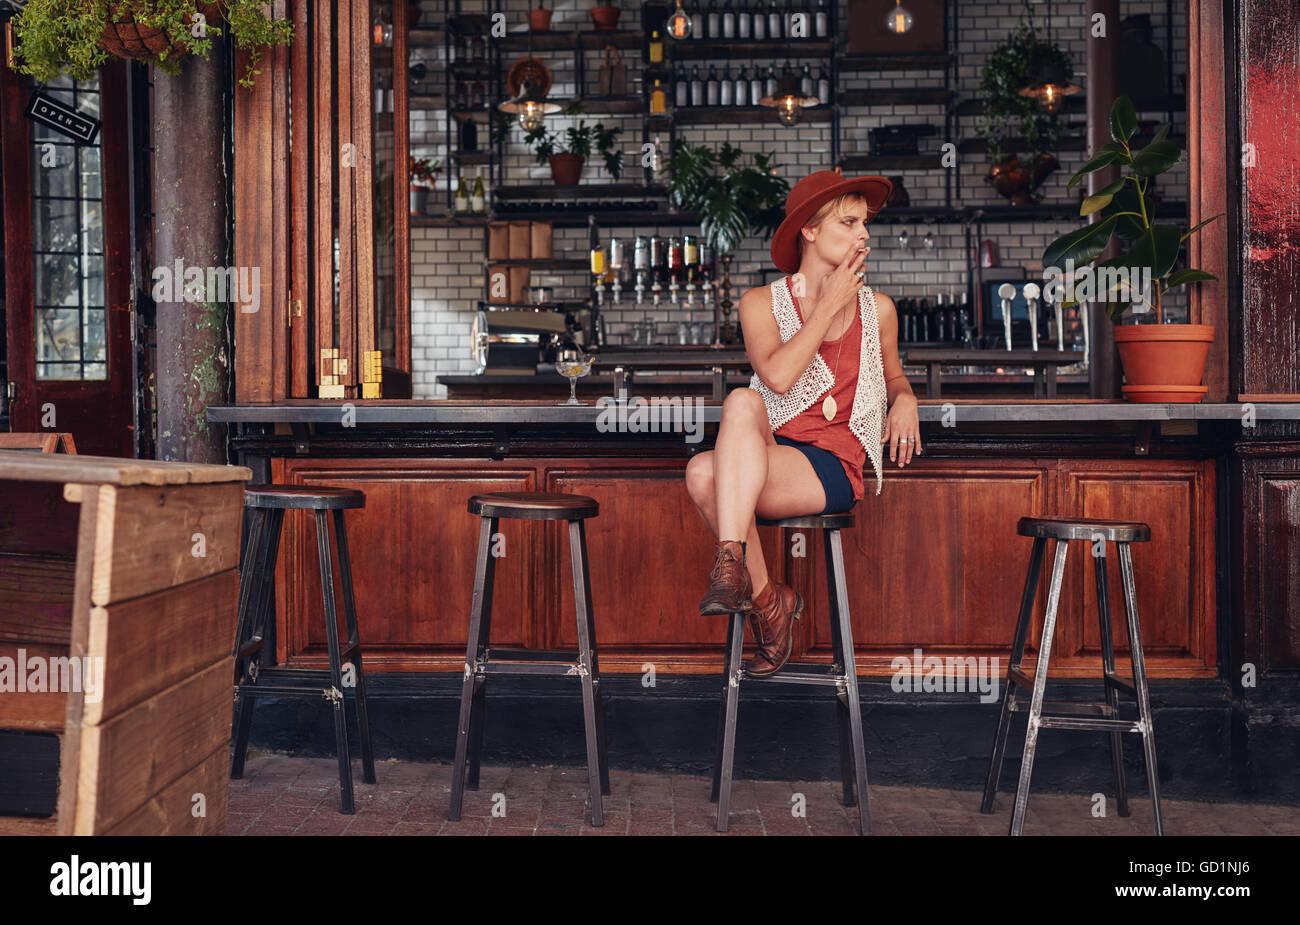 Junge Frau mit Hut Rauchen in einer Bar. Halten der Zigarette und wegsehen. Stockbild